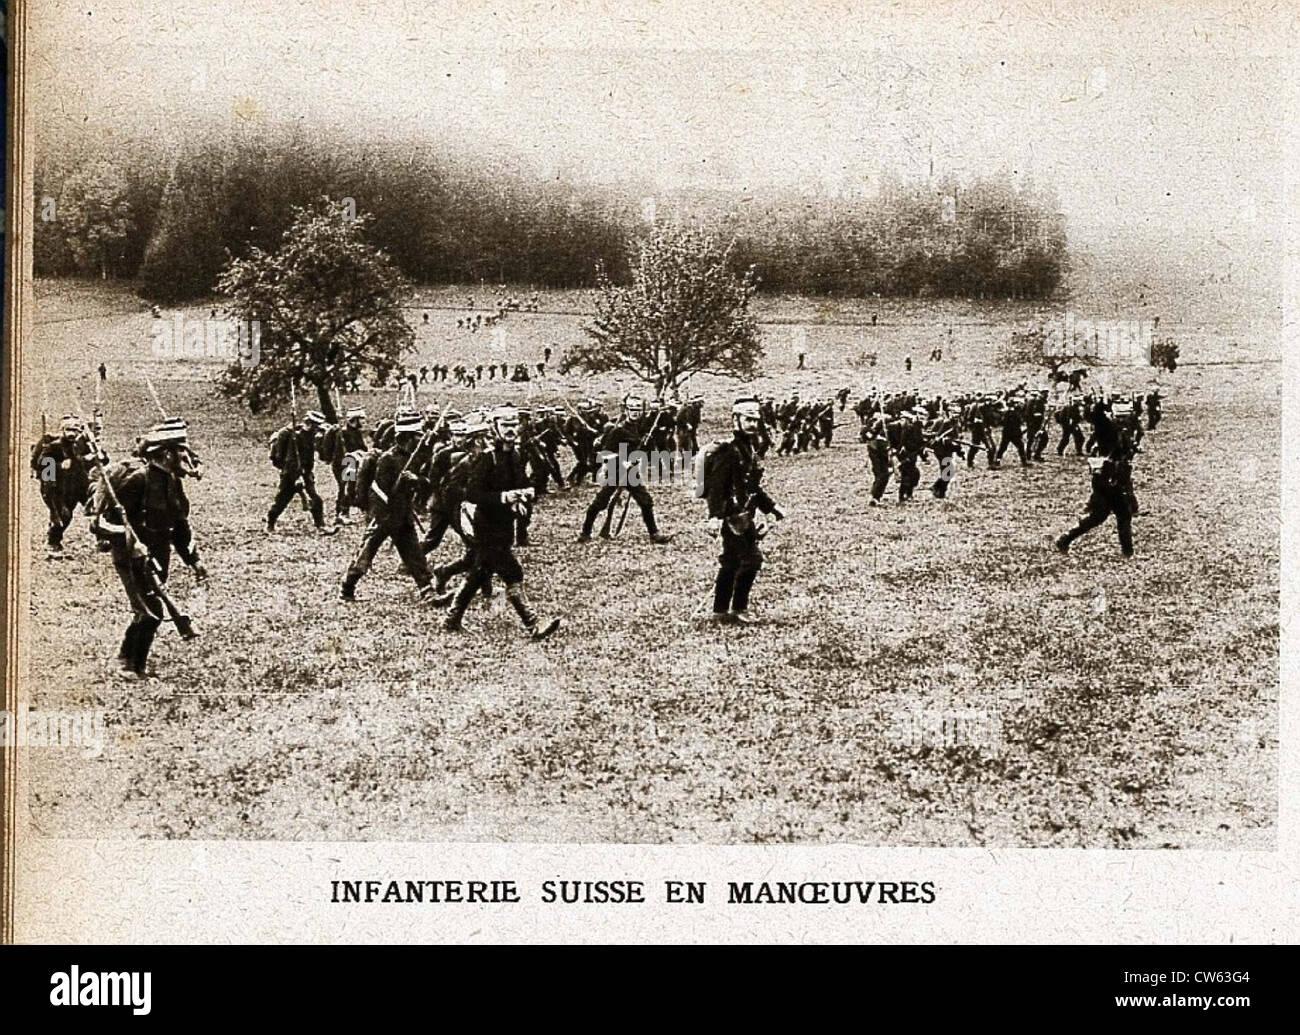 Infanterie suisse en manoeuvre lors de la première Guerre mondiale - Stock Image